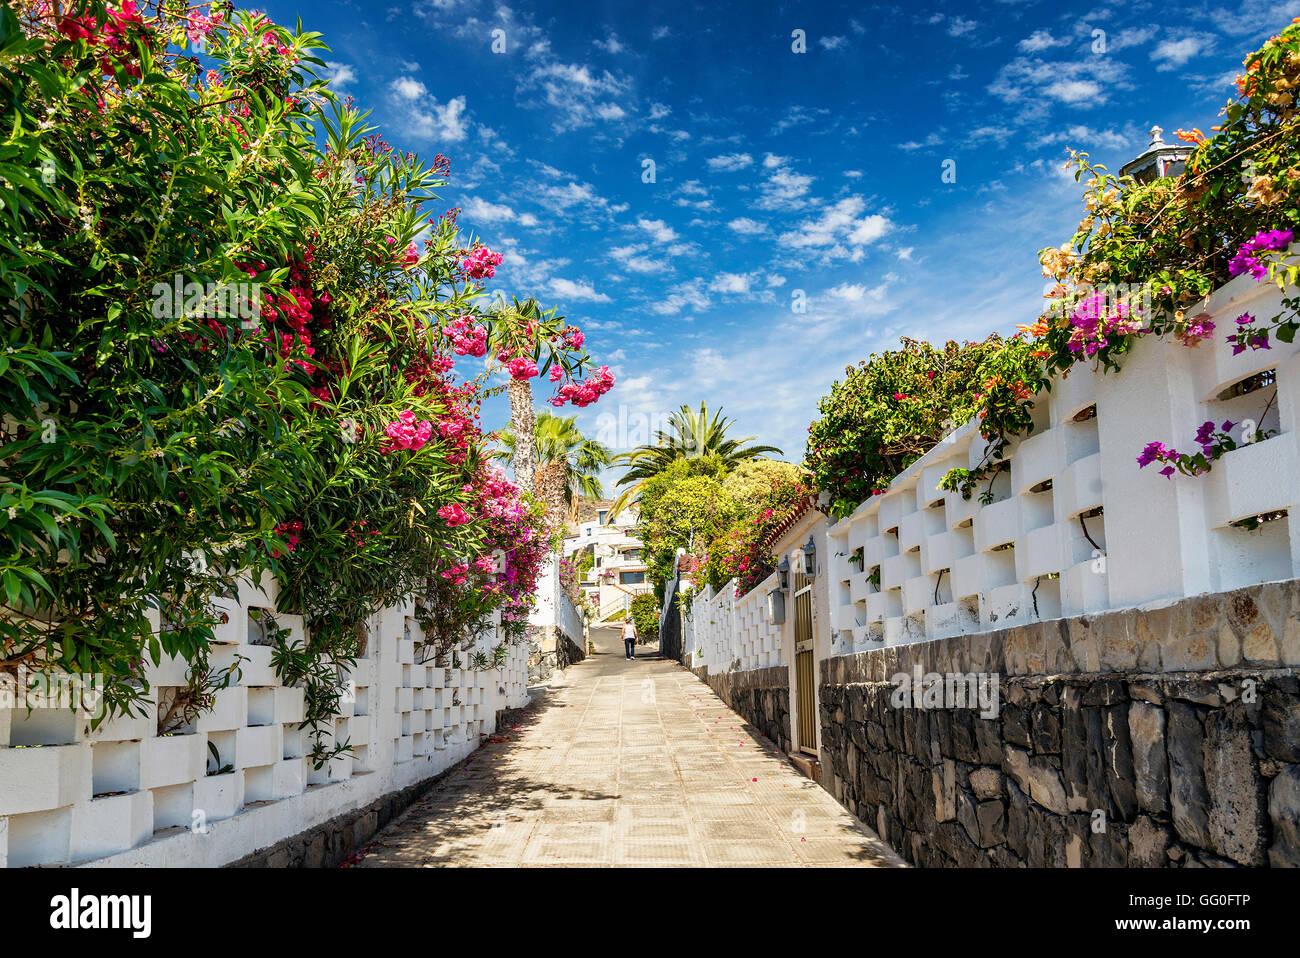 Florecido callejón Street en zona residencial de Los Gigantes Tenerife España Imagen De Stock